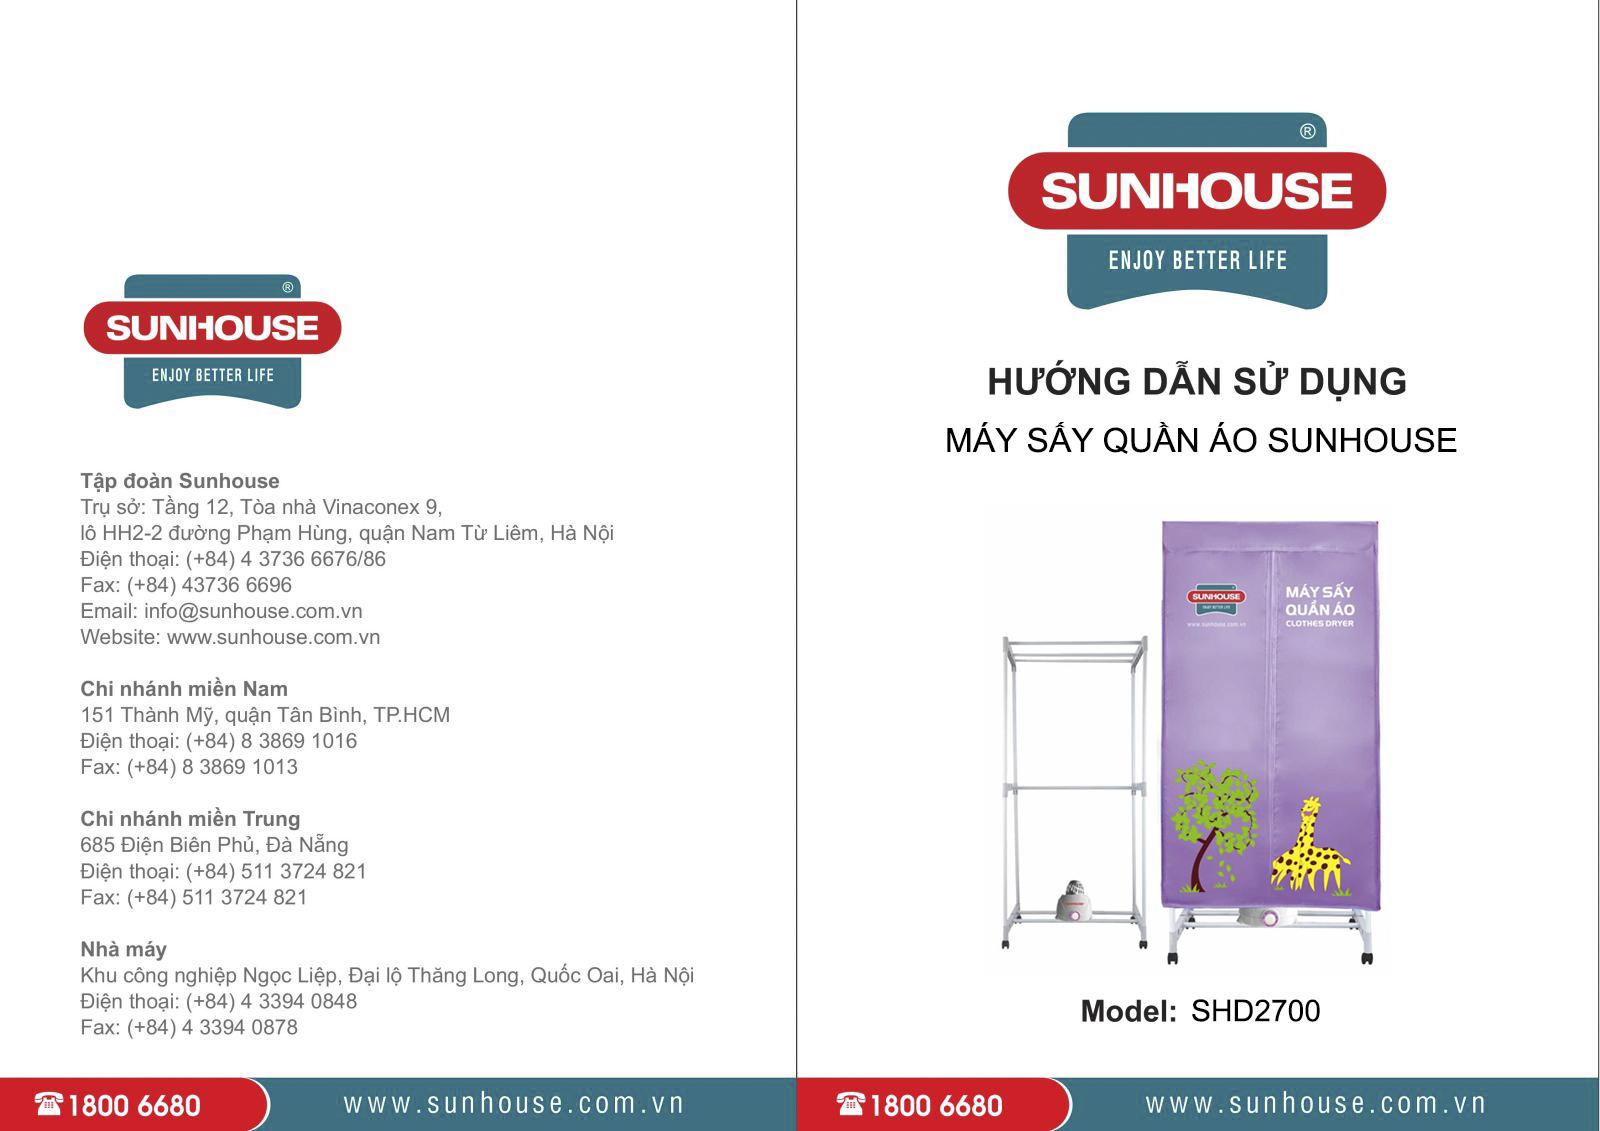 Máy sấy quần áo Sunhouse SHD2700 sách hướng dẫn sử dụng